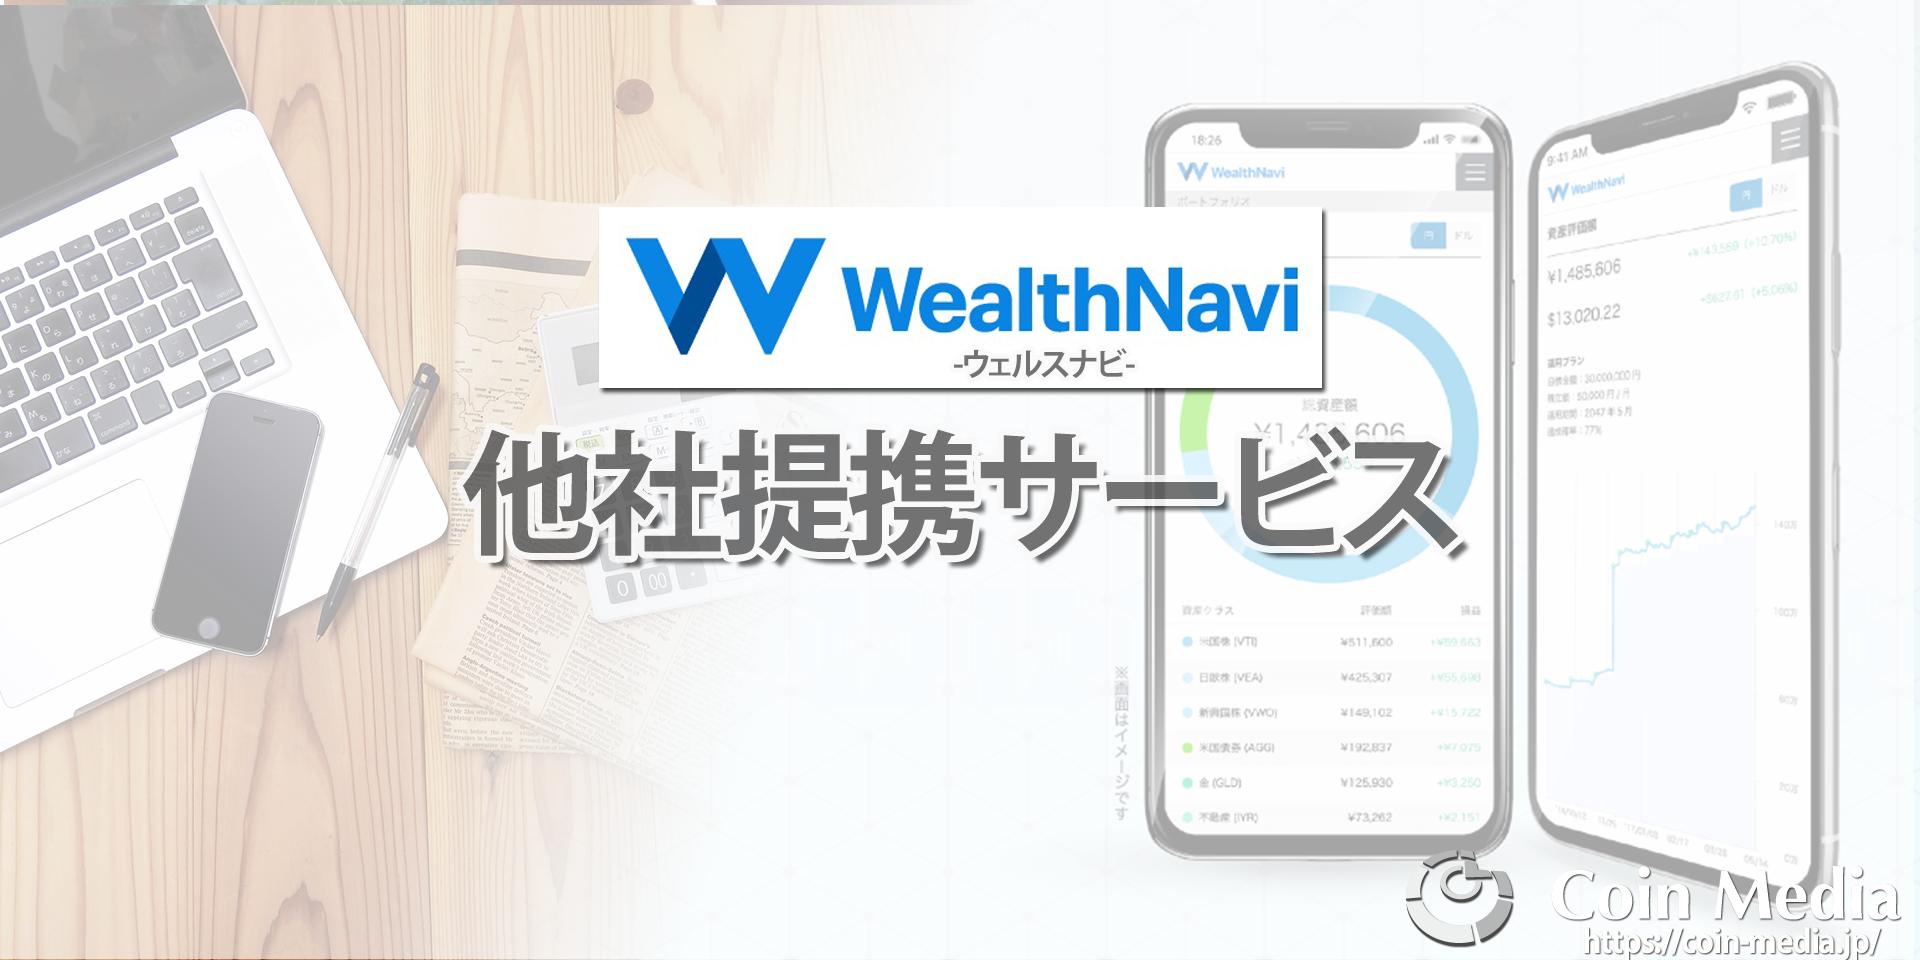 ウェルスナビ(WealthNavi)の他社提携サービスでもっとお得に資産運用!